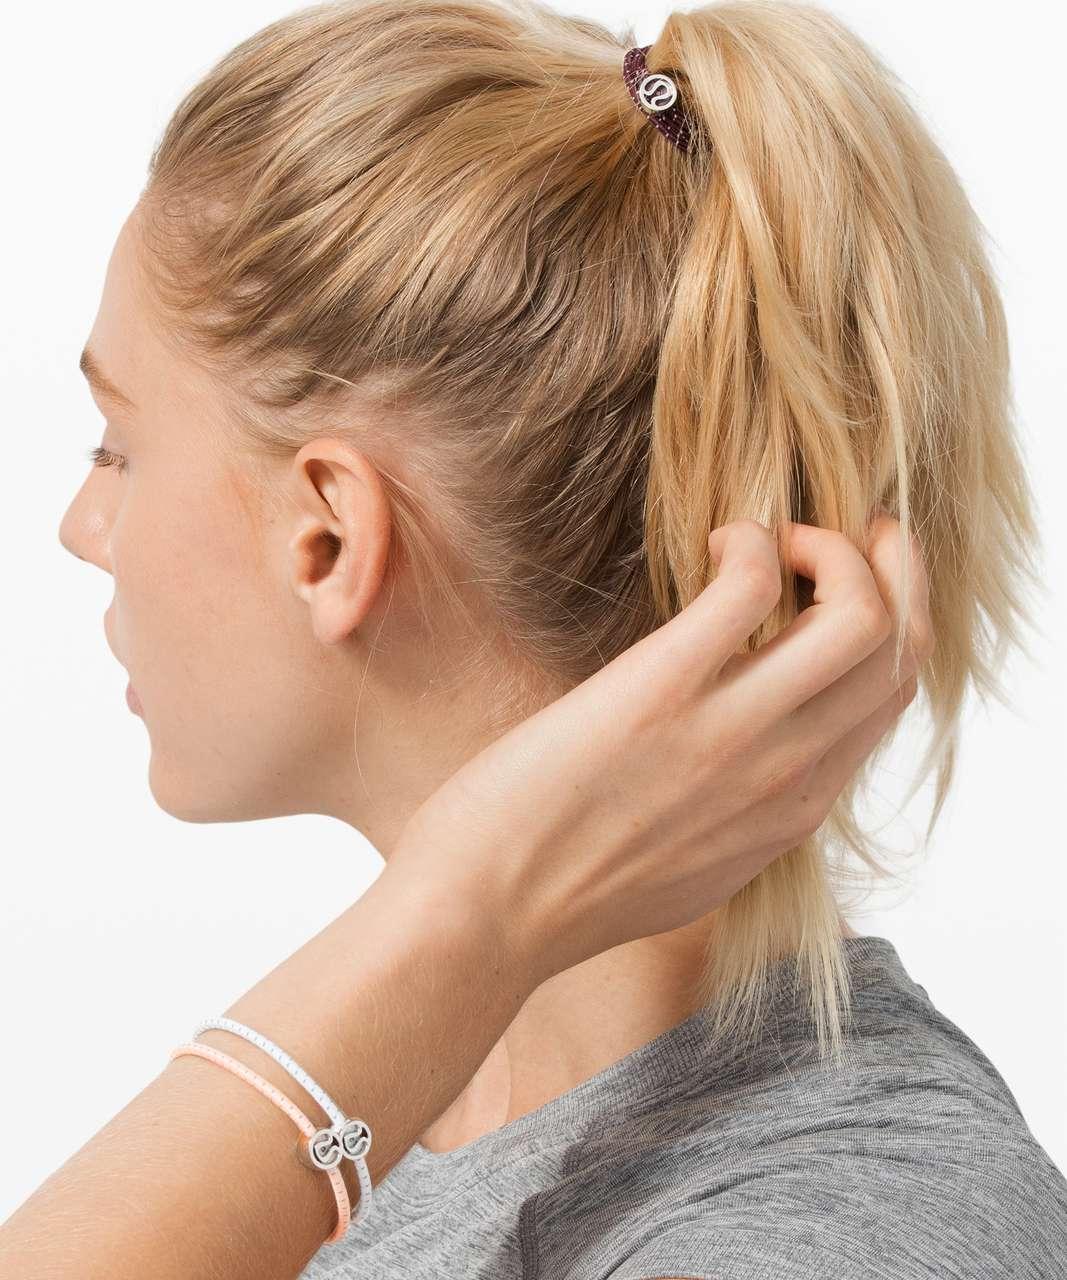 Lululemon Glow On Hair Ties - White / Ballet Slipper / Cassis